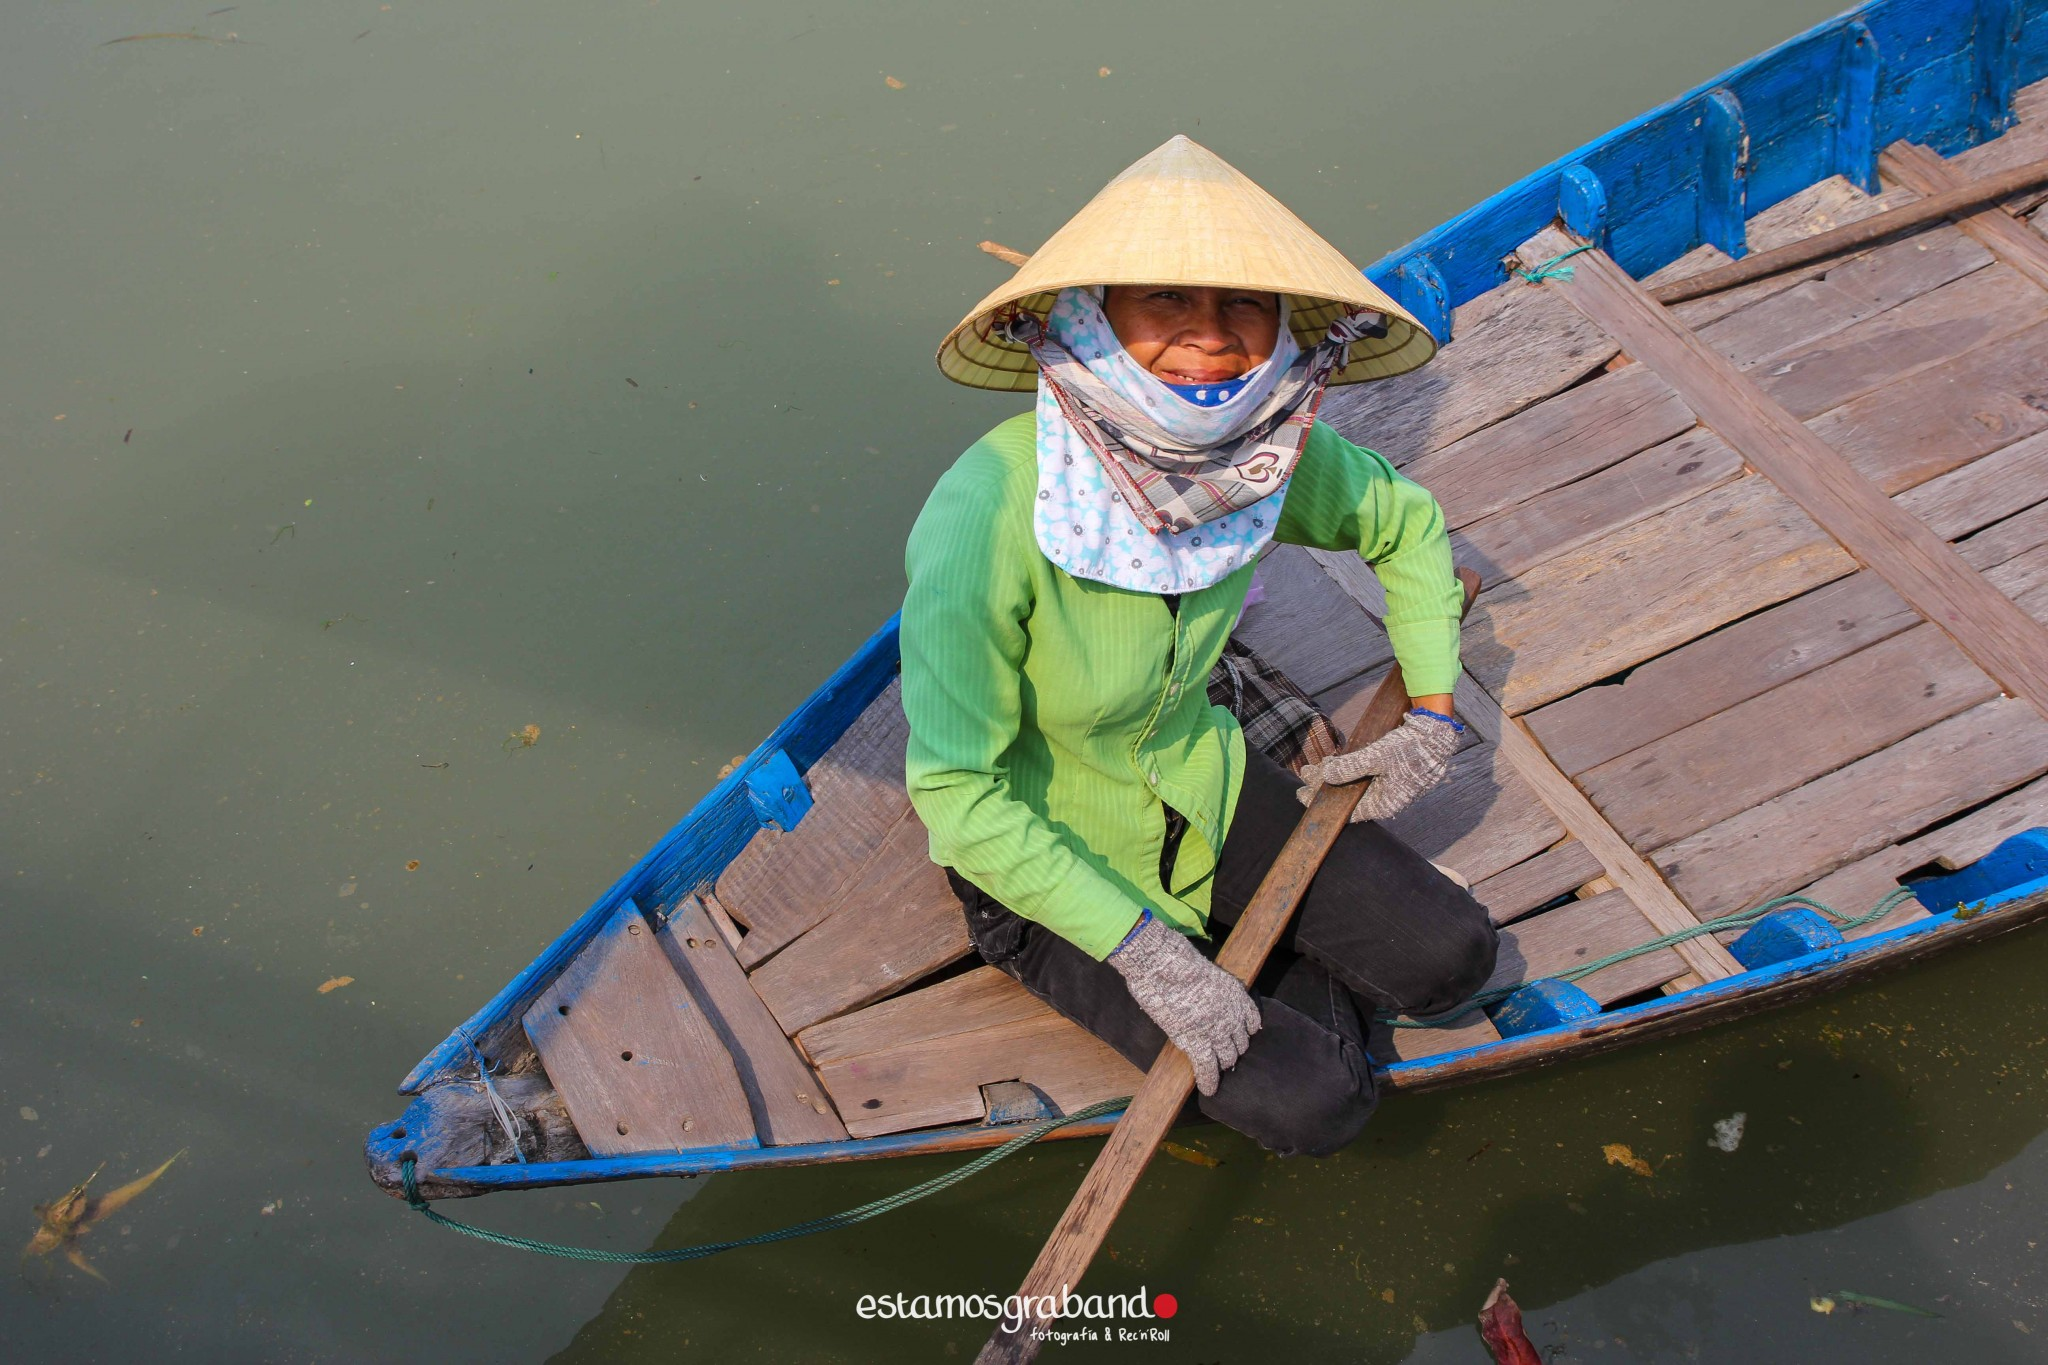 reportaje-vietnam_fotograficc81a-vietnam_estamosgrabando-vietnam_rutasvietnam_reportaje-retratos-fotos-vietnam_fotografia-vietnam_reportaje-estamosgrabando-fotograficc81a-vietnam-84 Pequeños grandes recuerdos de Vietnam en 100 imágenes - video boda cadiz